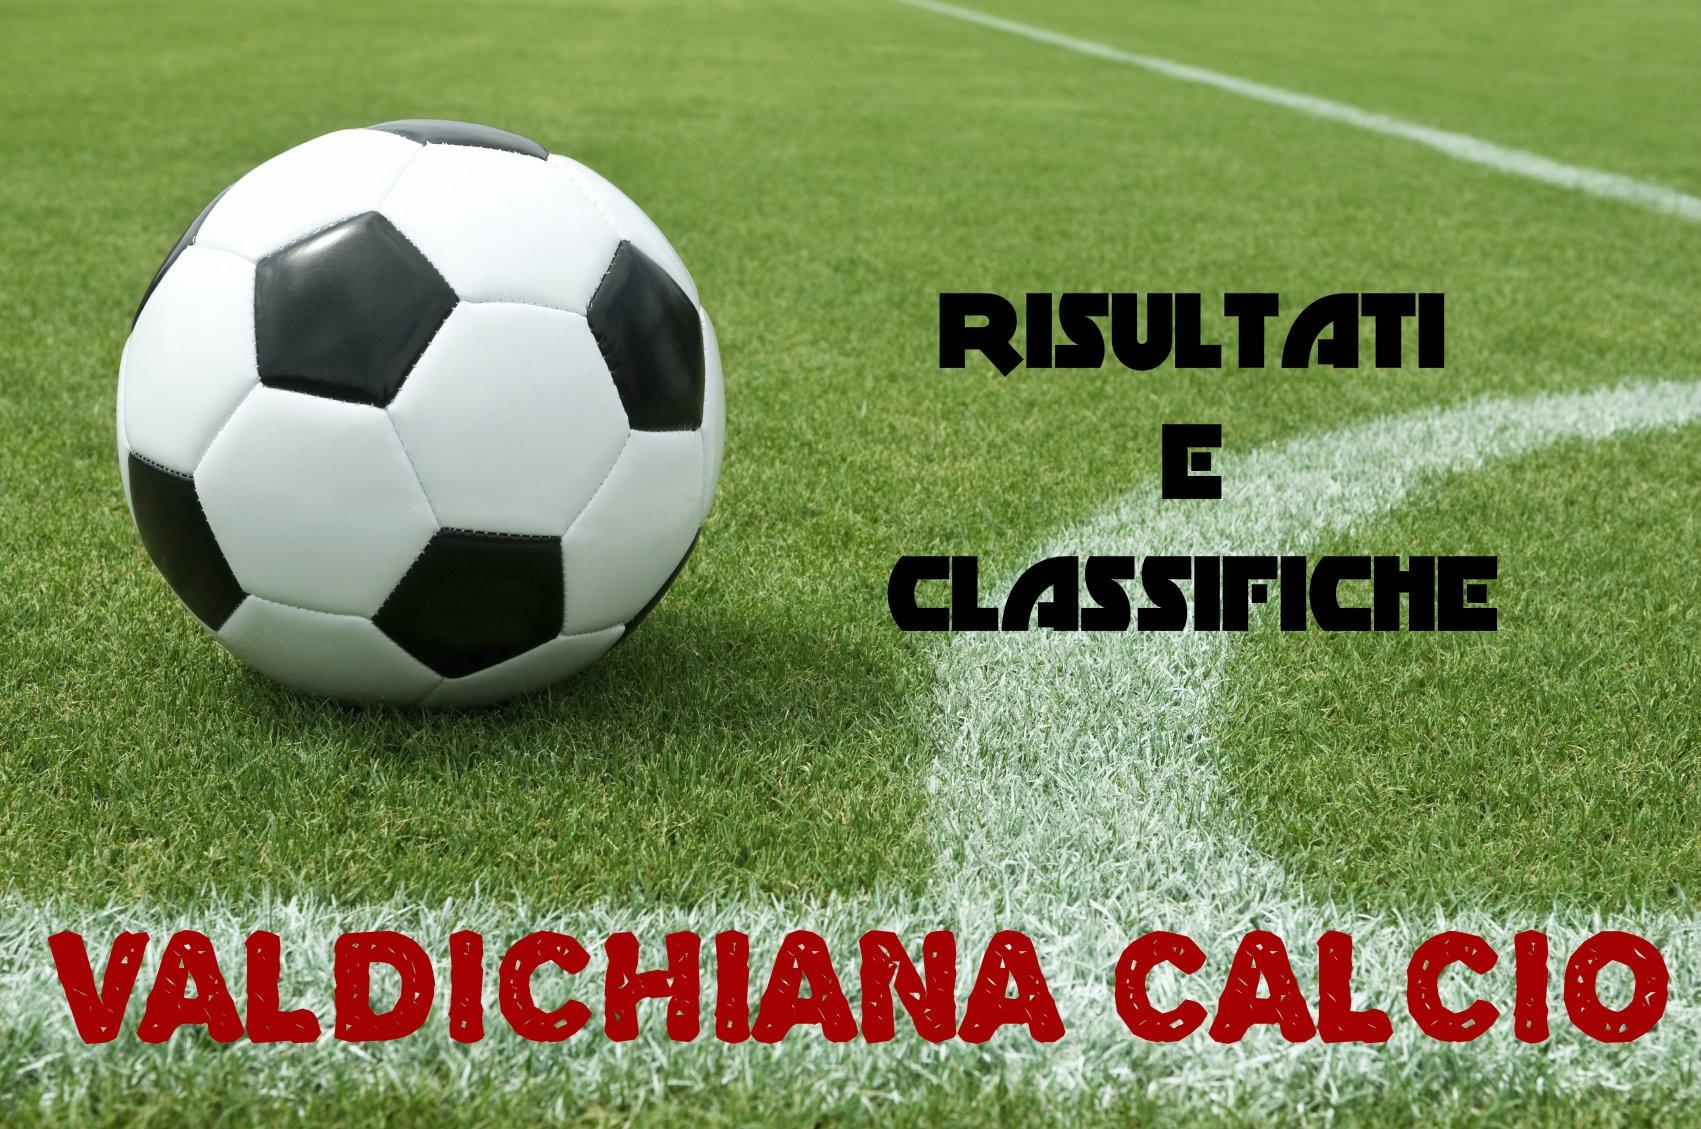 Calcio: risultati e classifiche dal'Eccellenza alla Seconda Categoria